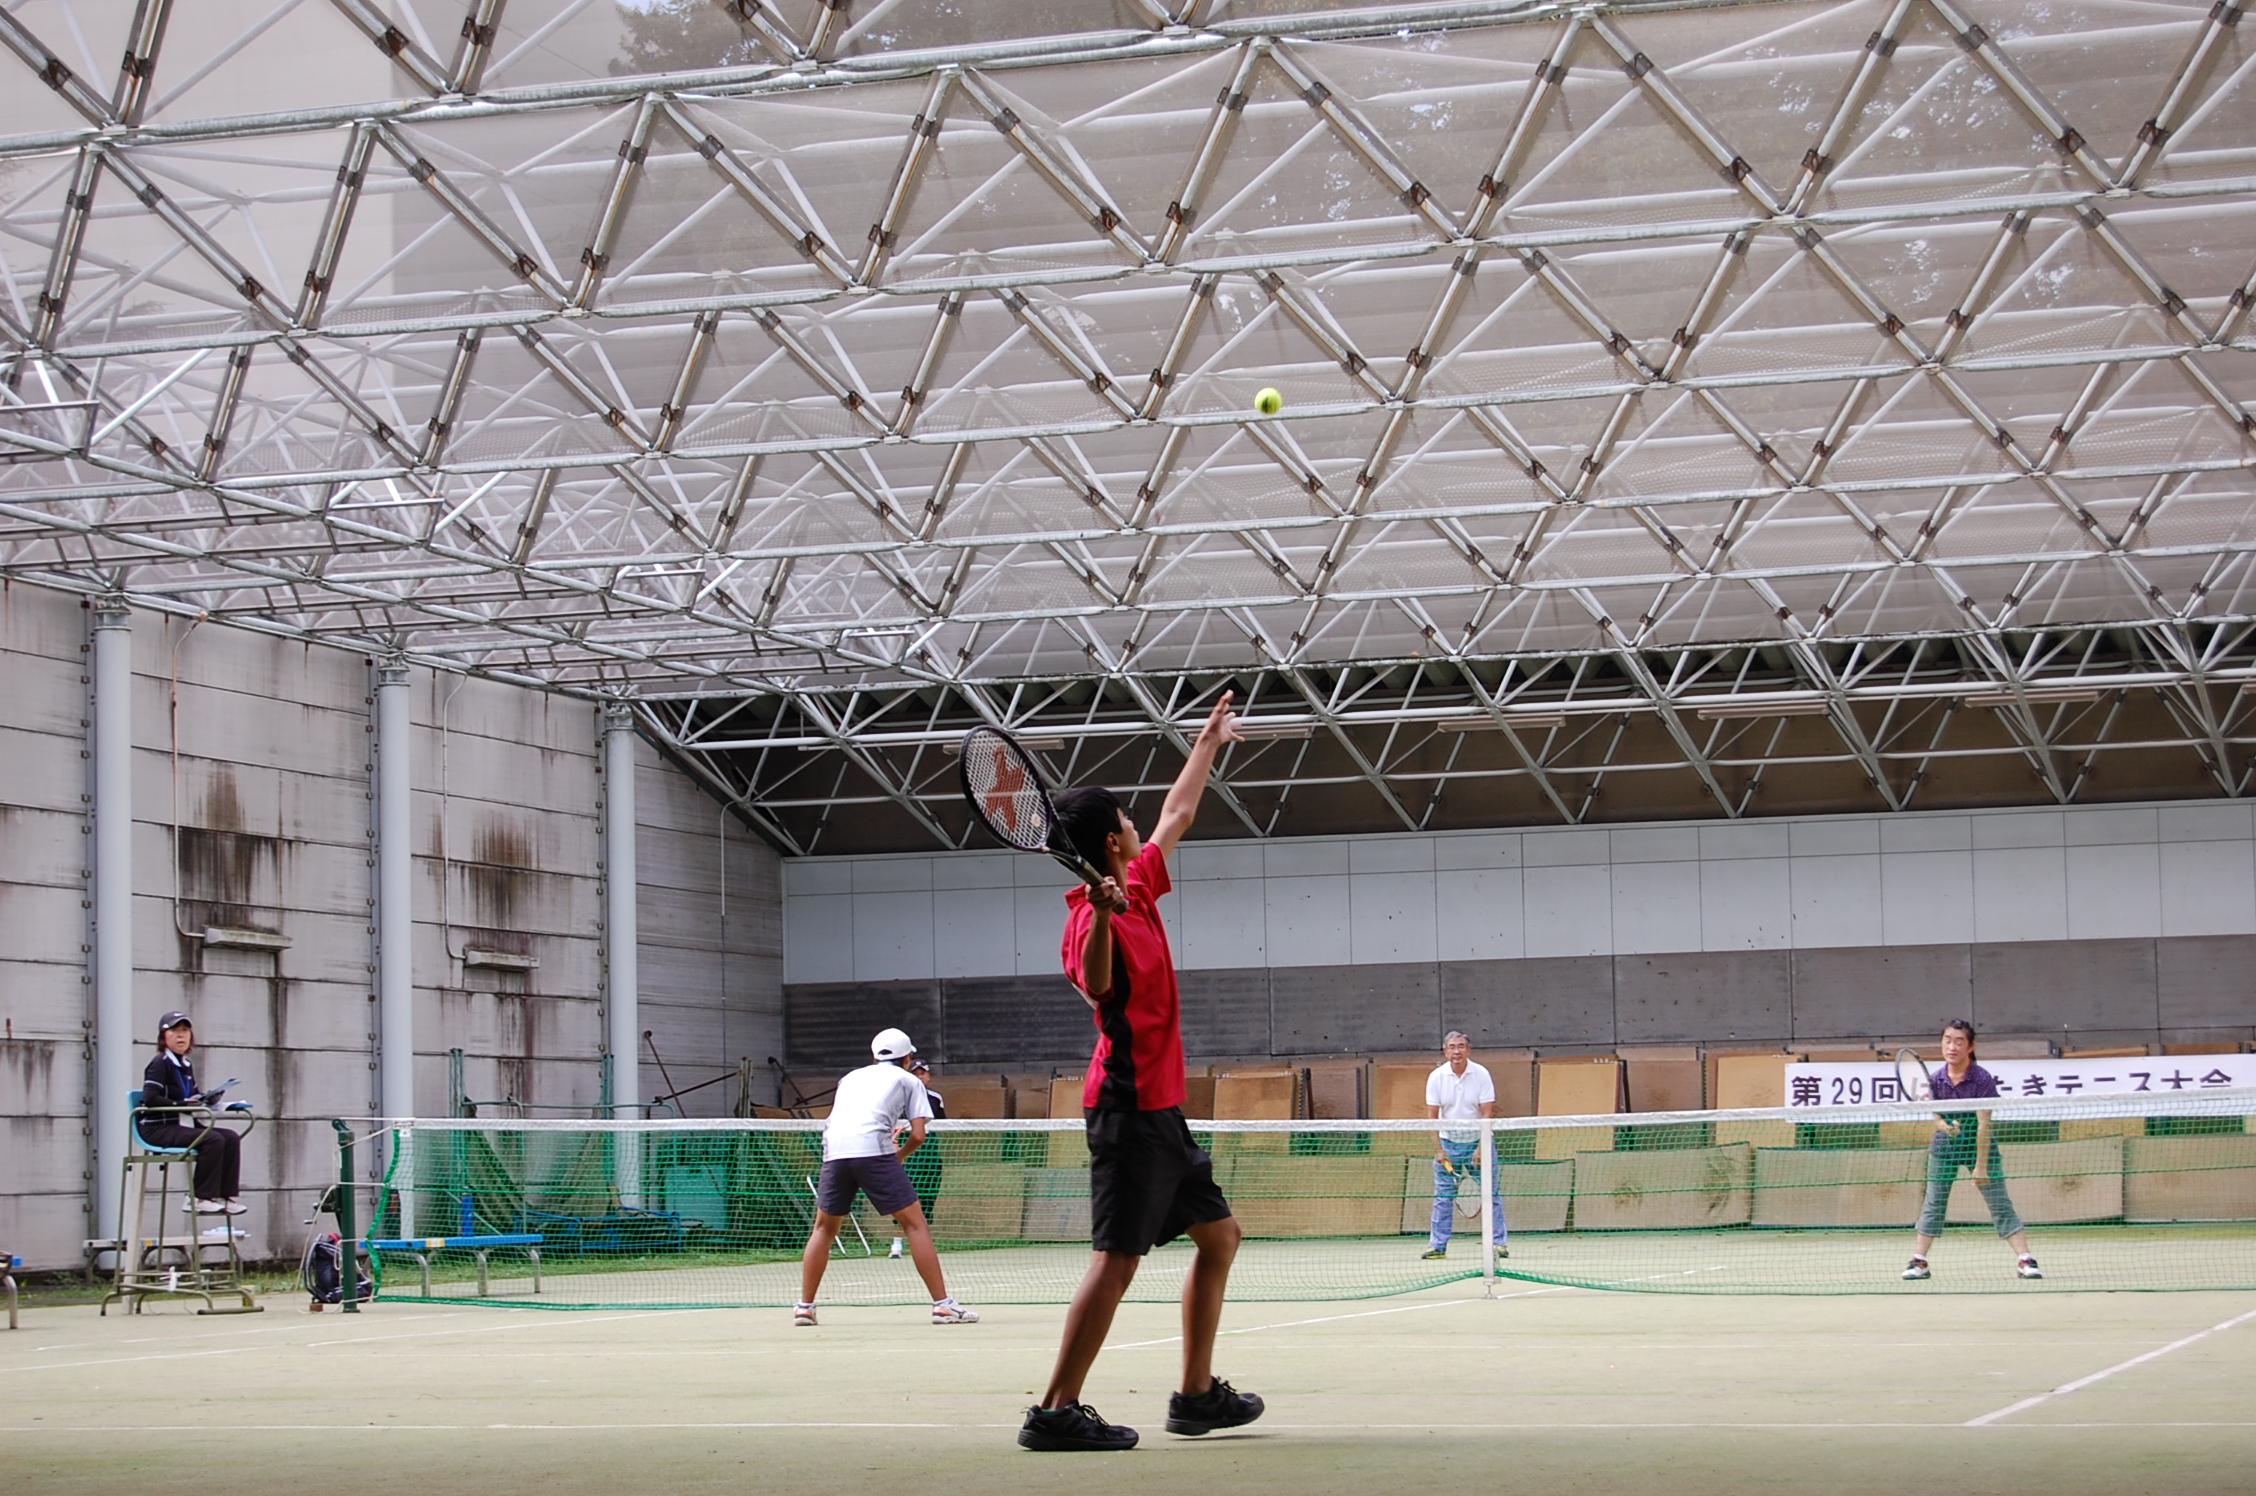 habatakitennis1 - はばたきテニス大会